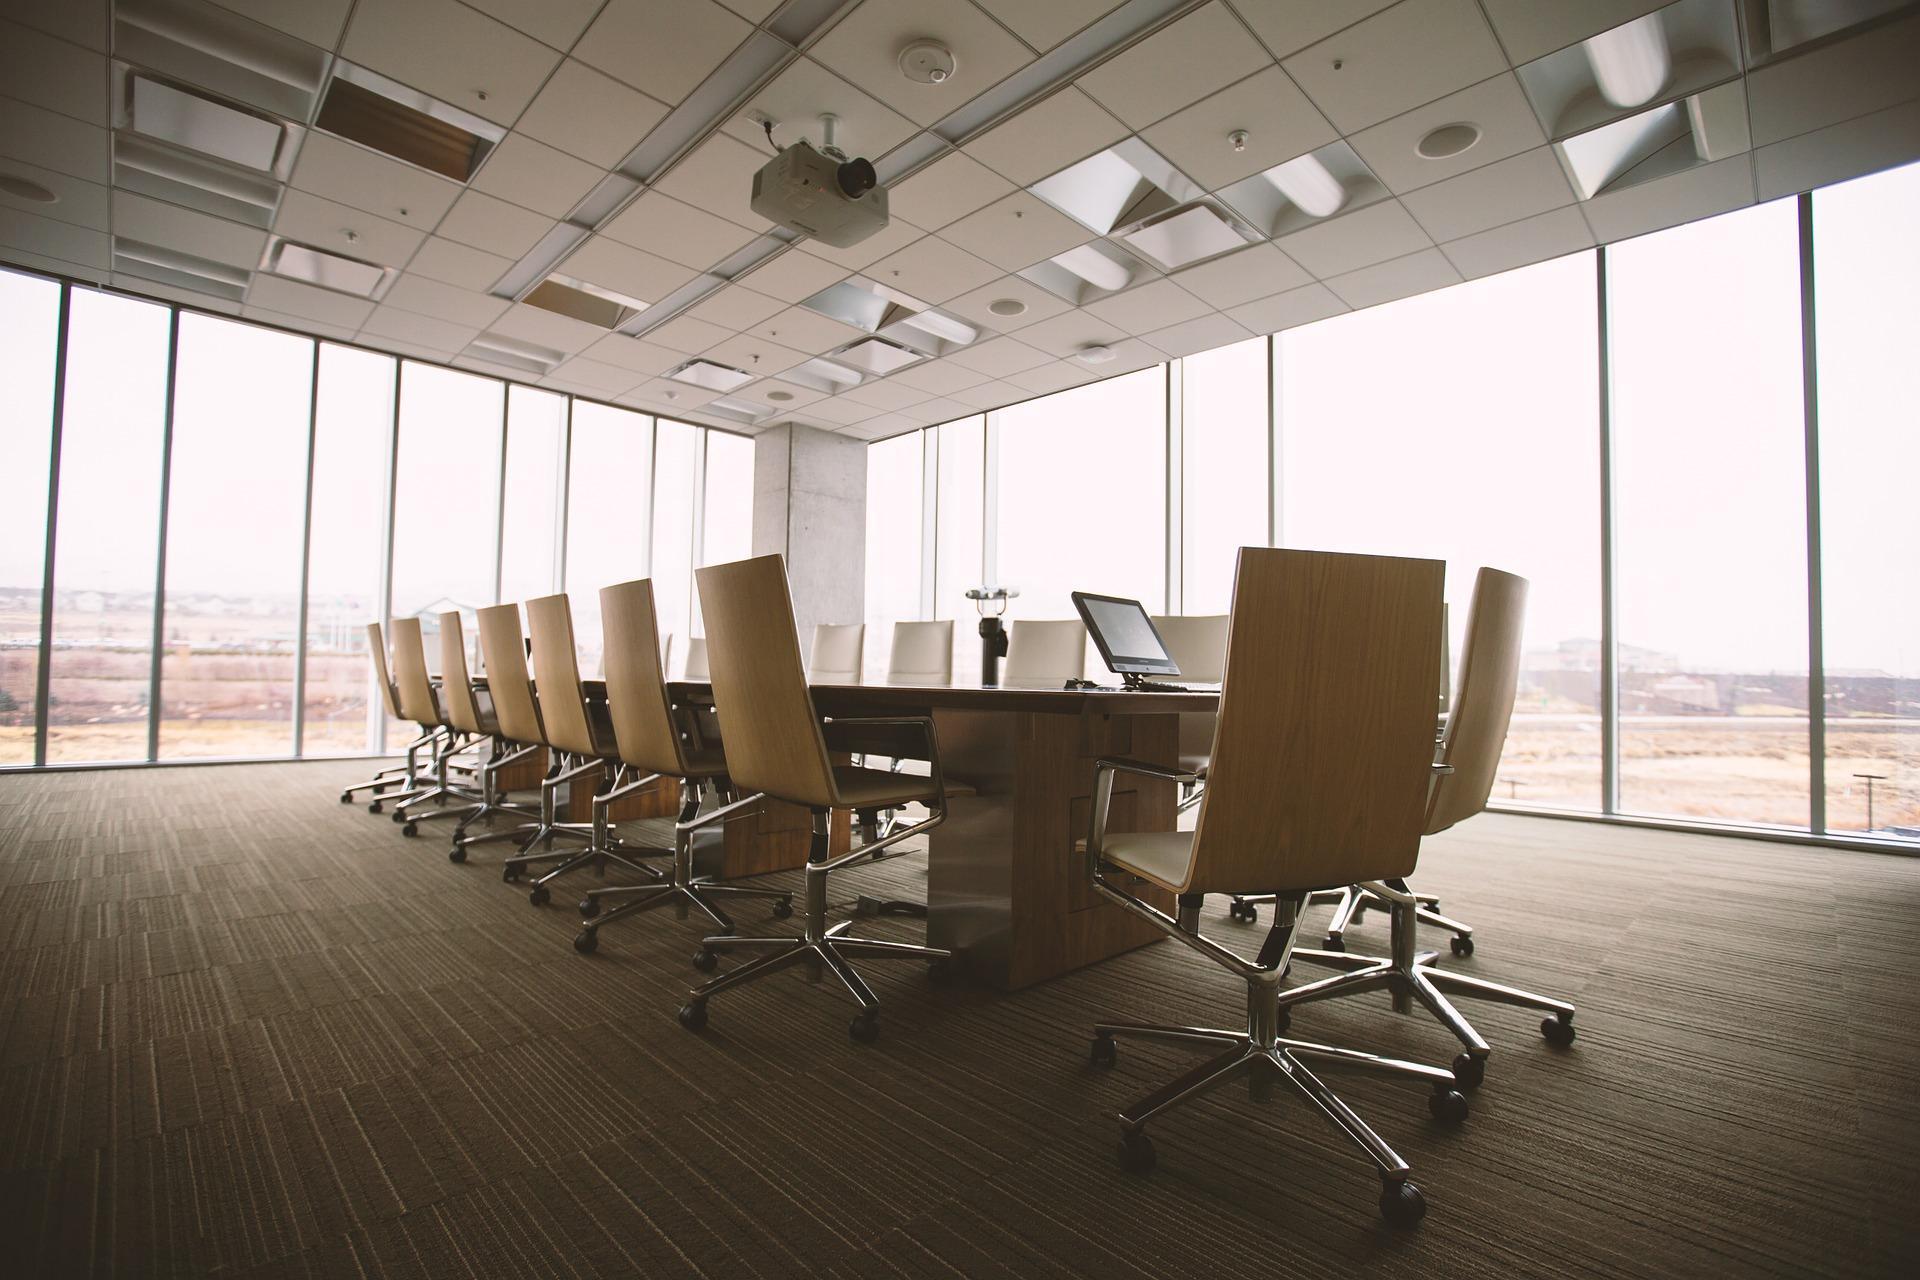 Kundenschutzklauseln zugunsten ausscheidender GmbH-Gesellschaftern